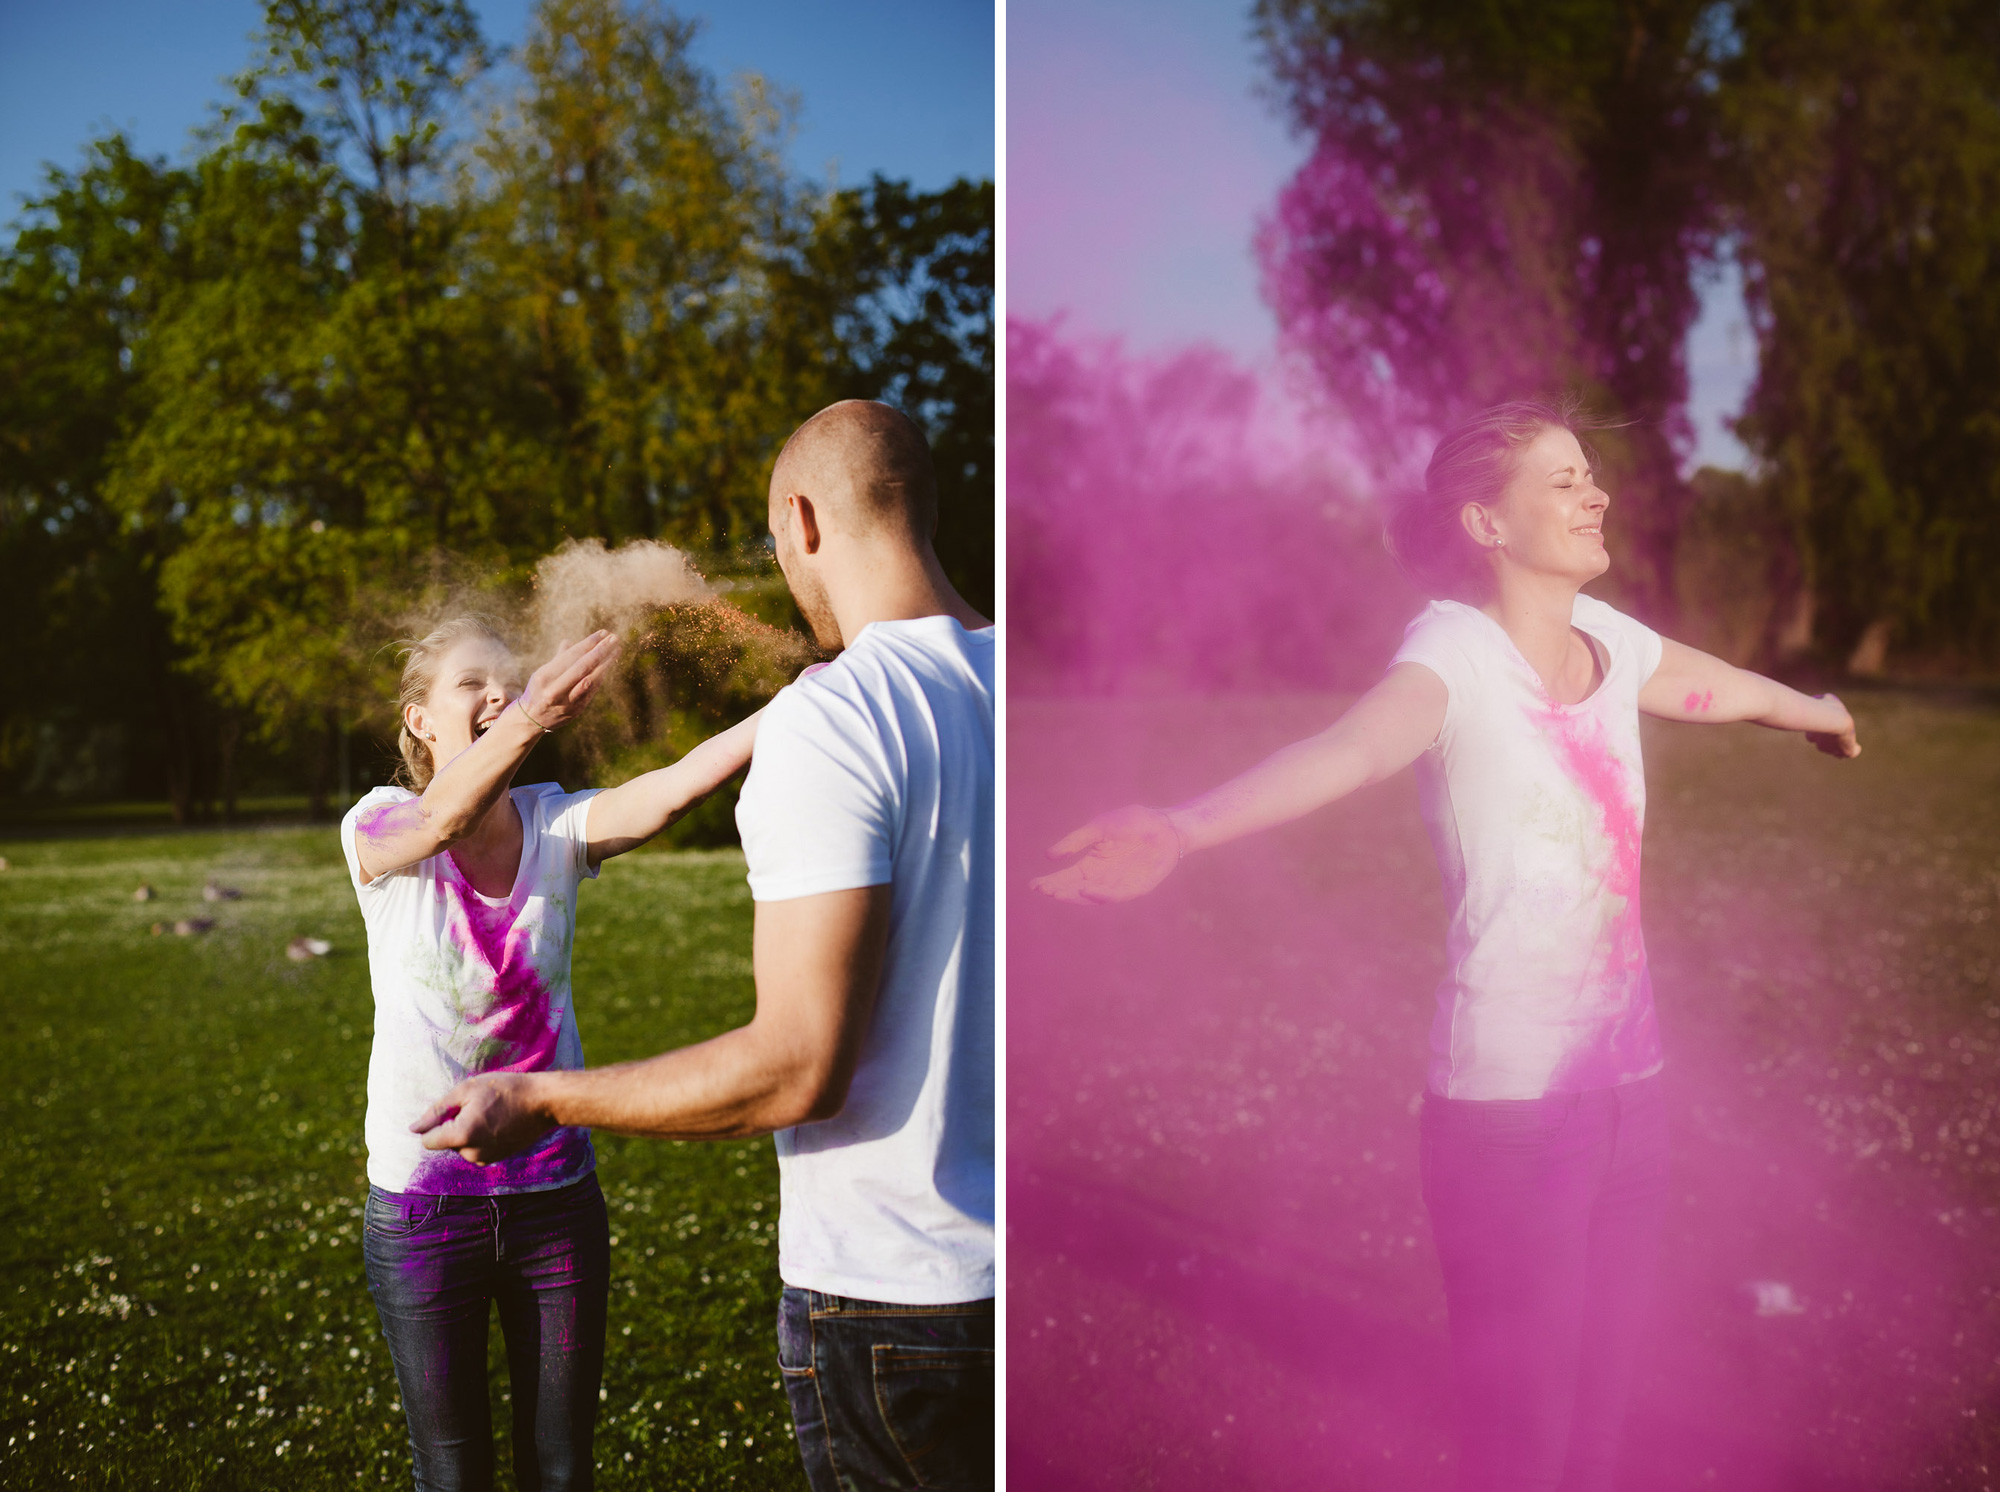 Karo-und-Stefan-Engagement-Foto-Avec-Amis-150